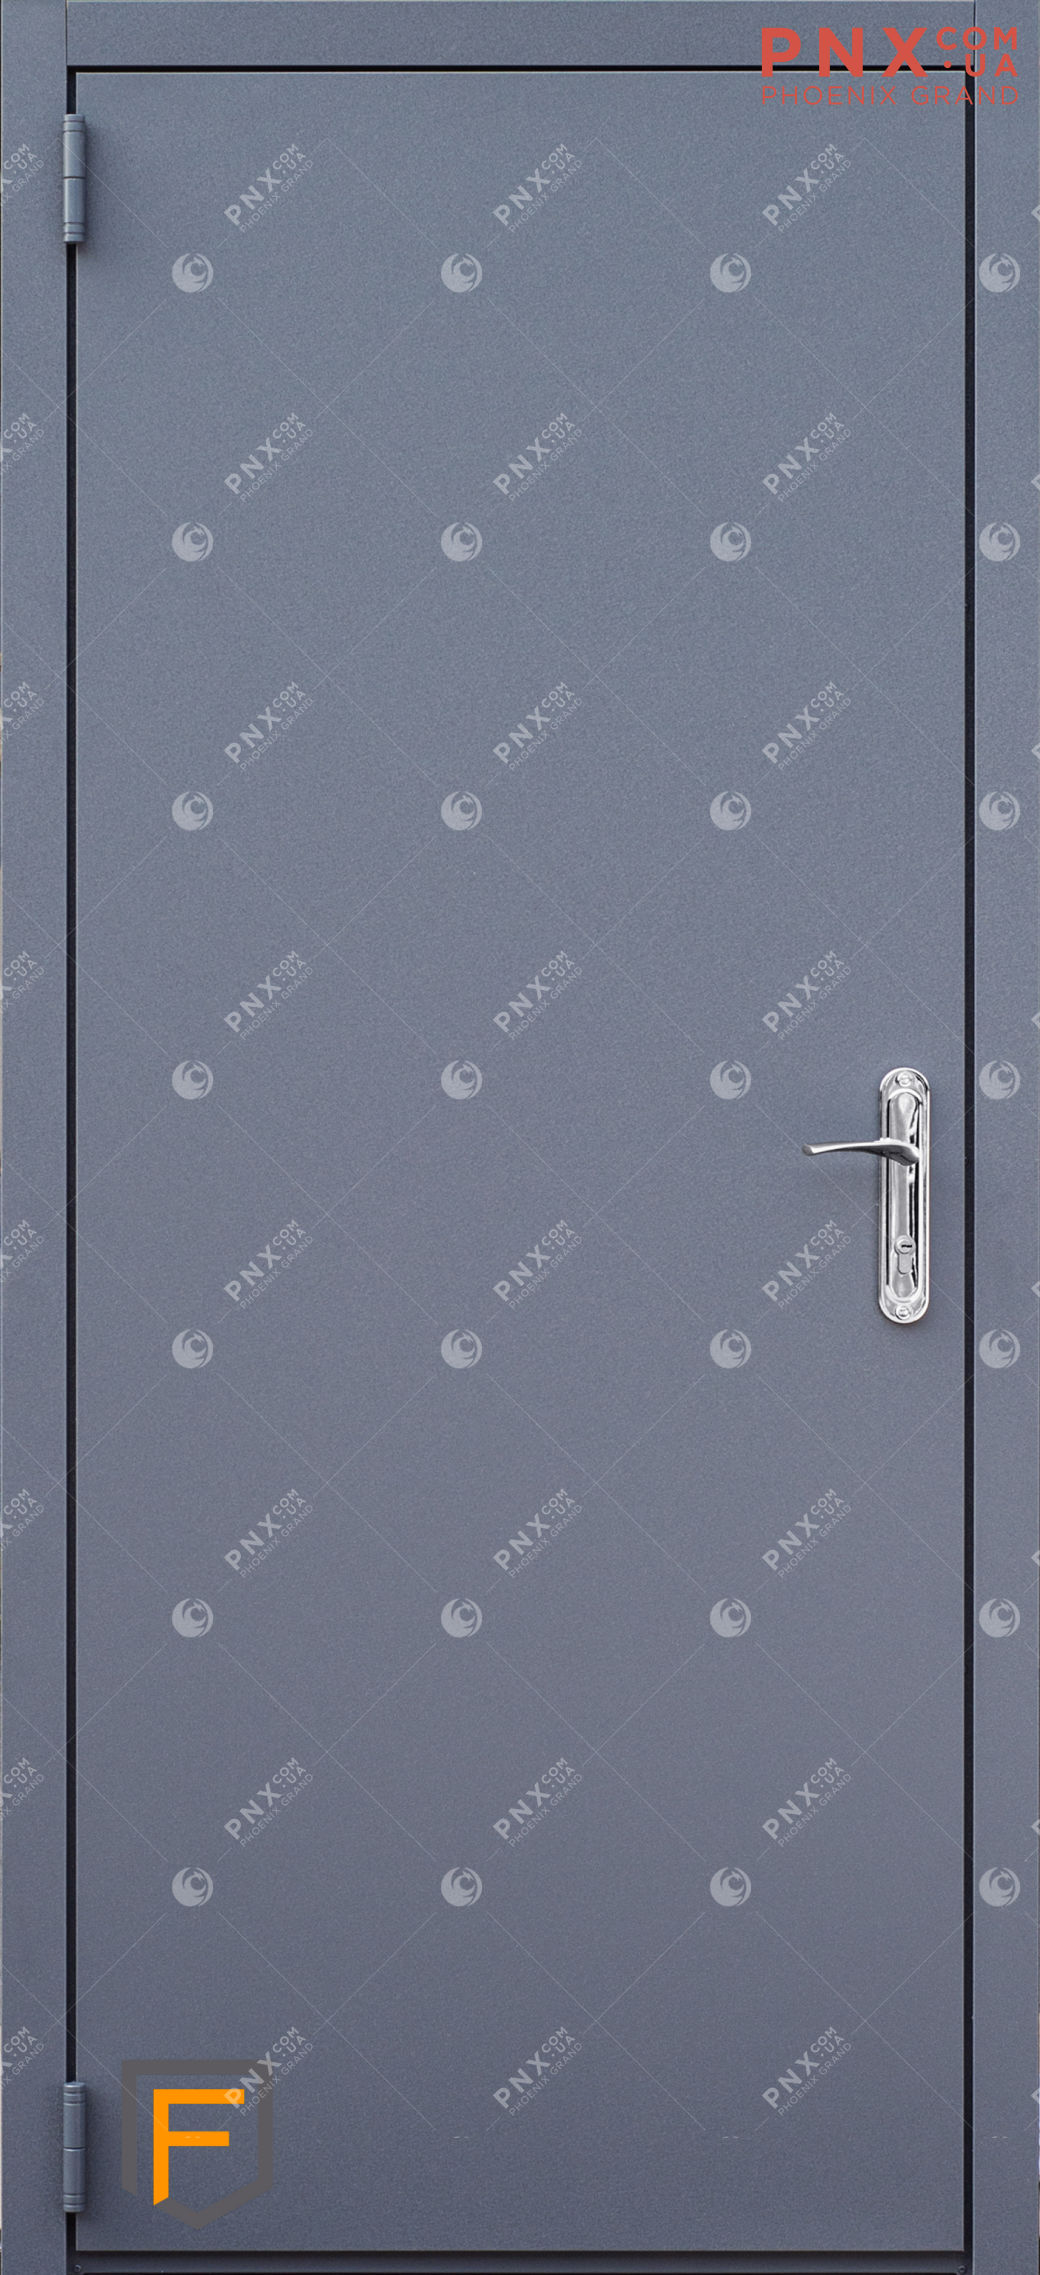 Входная дверь Форт Нокс, Техно, металл/металл графит/графит